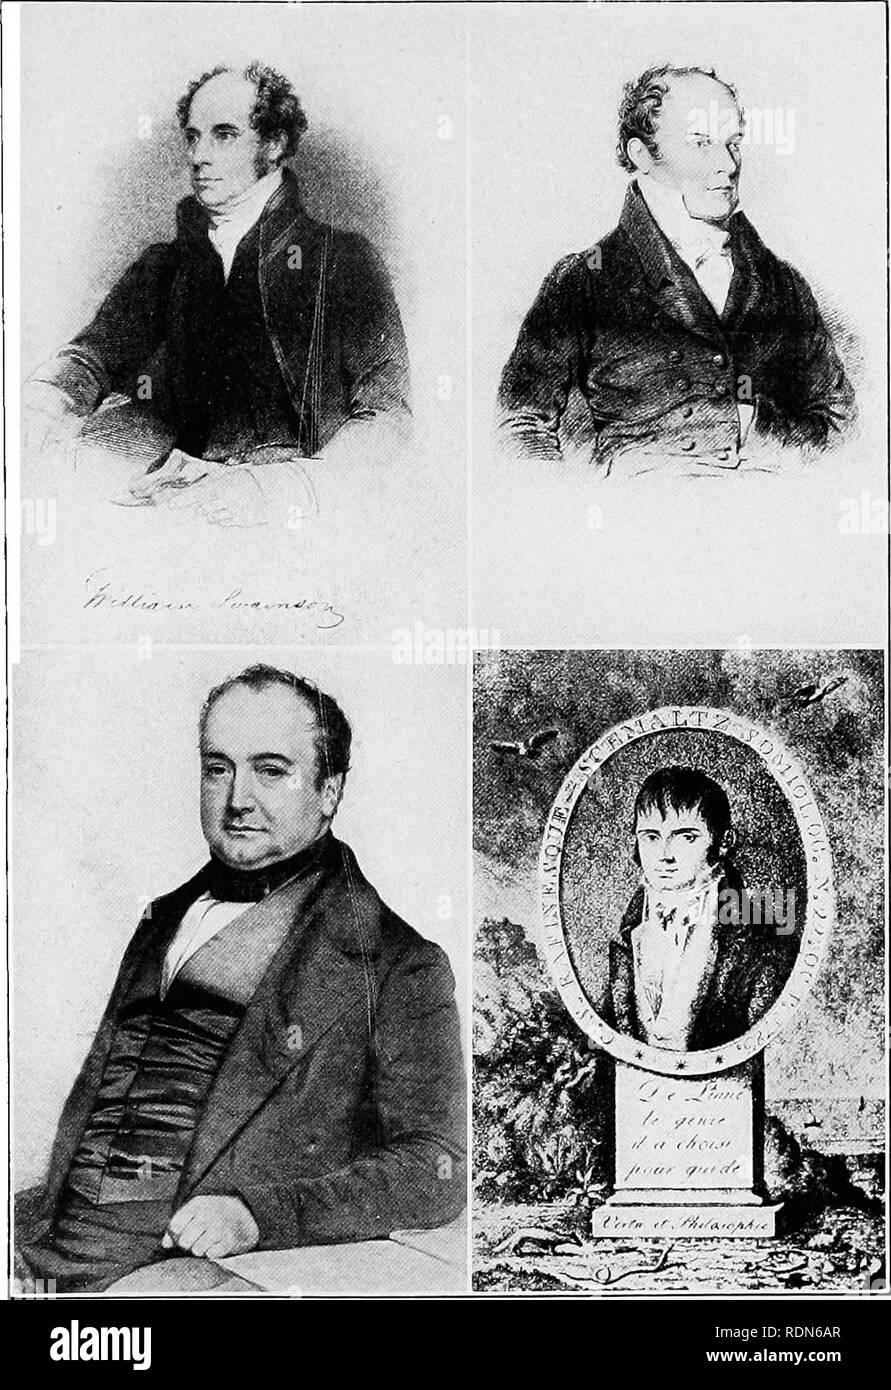 """. Audubon, le naturaliste; une histoire de sa vie et le temps. Audubon, John James, 1785-1851. wiijjam swaixsox; Ornithologists chari.es l. boxaparte E(""""IAS XL'RÉORIENTATION.L COXSTAXTIXE RAFIXESQL SWAtXSON S.'e' FROJt BIOCRAPITY SON OGISTS DE ZOOT.NTTTAFI FROlvr;, UN GRAVINC» DERBV EN'ATIÈRE, 1S^5; Bon'Aparte FR(m un PTroTOGRAl'ir' EN POSSESSION DE >IR. RFTirVEK IIEAN Prlir'E, premier.rsIIEI) dans """"CASSI N'n""""; et f'RAFINESOFE mCIIARI^J RO) er.t.SWORTII CAFE, *'u l'AFI N'ESorE."""". Veuillez noter que ces images sont extraites de la page numérisée des images qui peuvent avoir été retouchées numériquement pour rea Banque D'Images"""